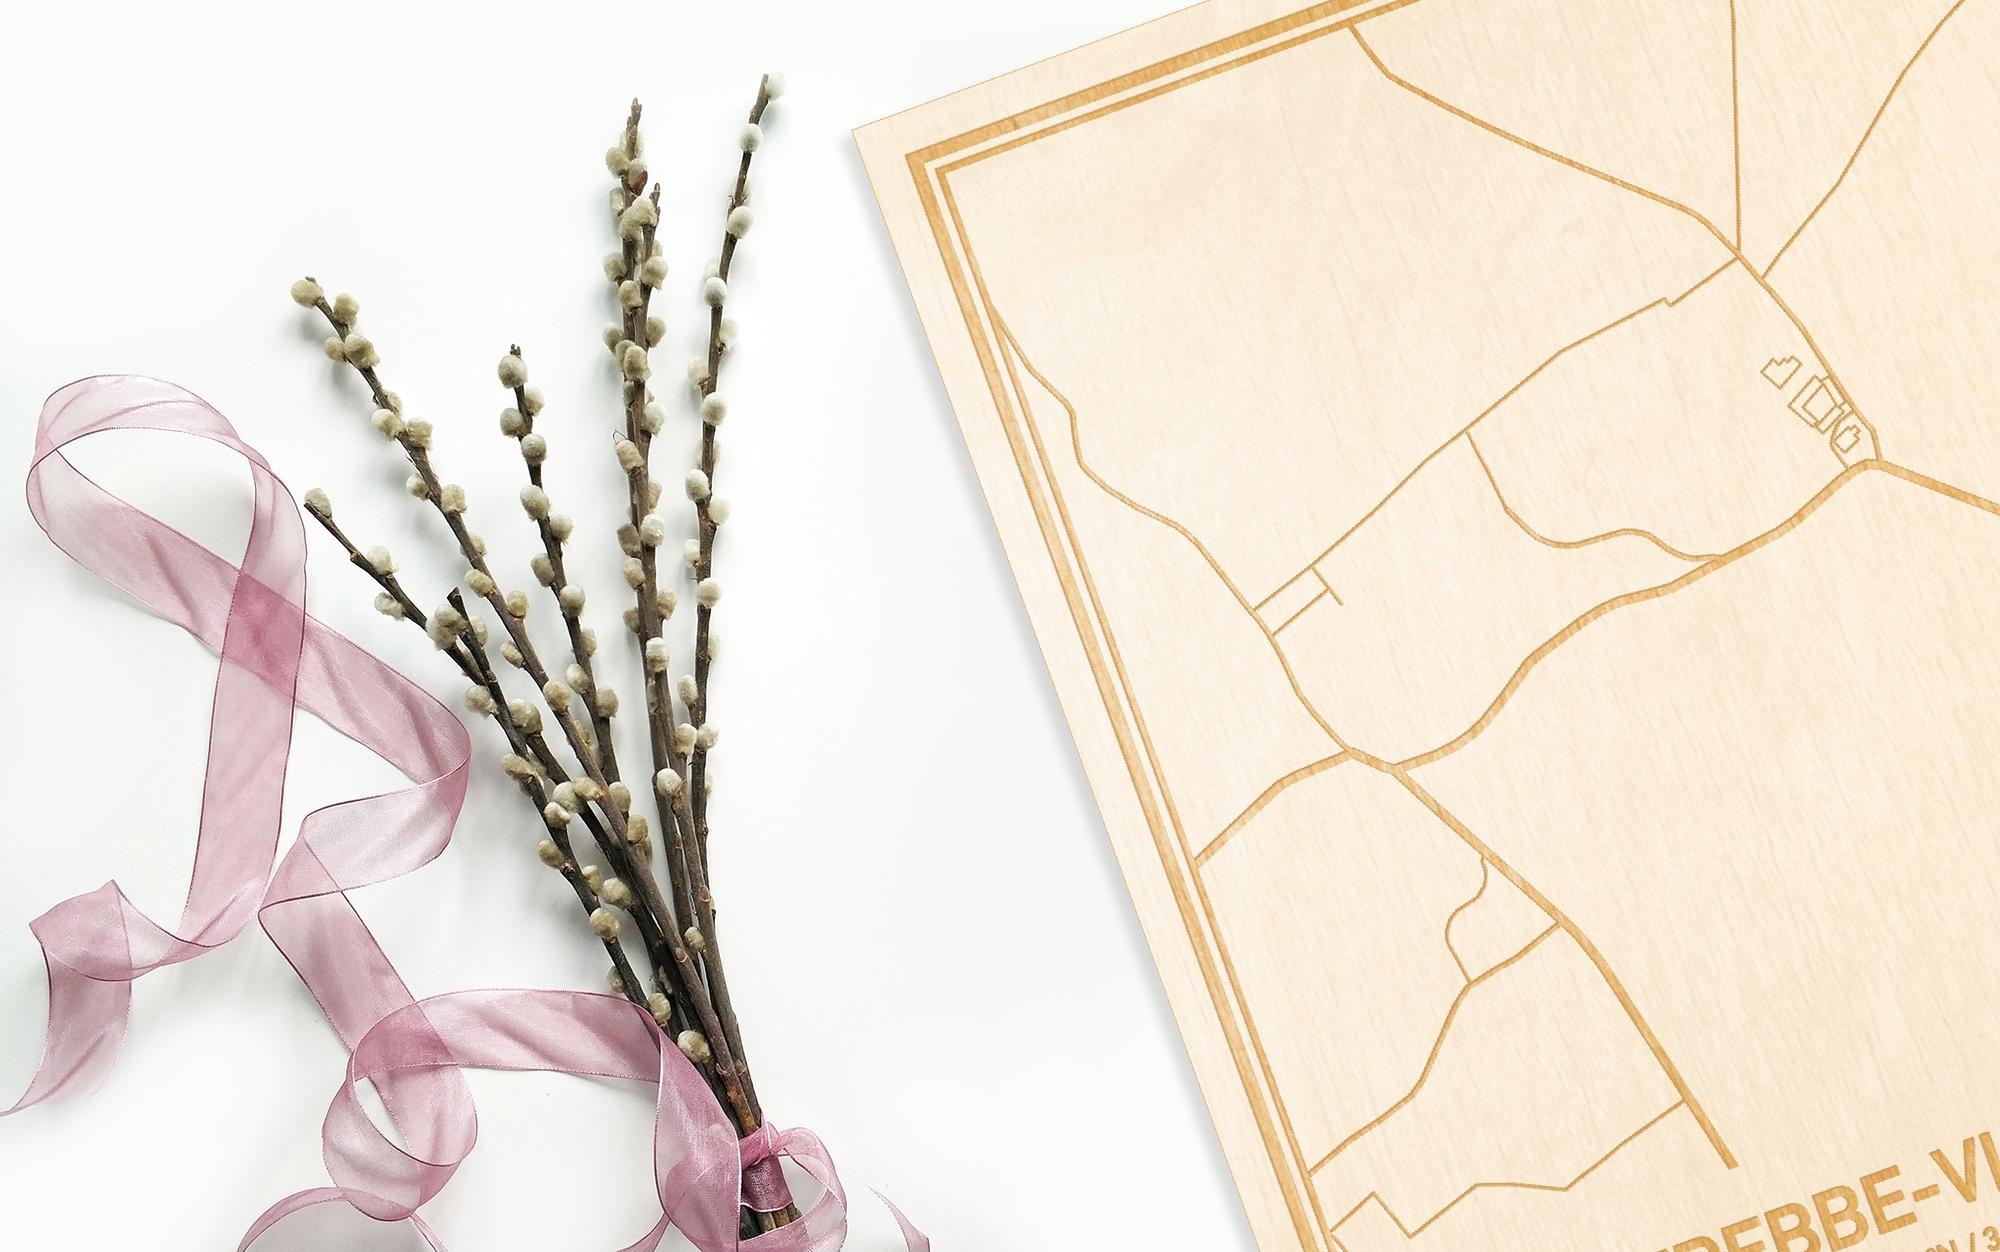 Hier ligt de houten plattegrond Smeerebbe-Vloerzegem naast een bloemetje als gepersonaliseerd cadeau voor haar.